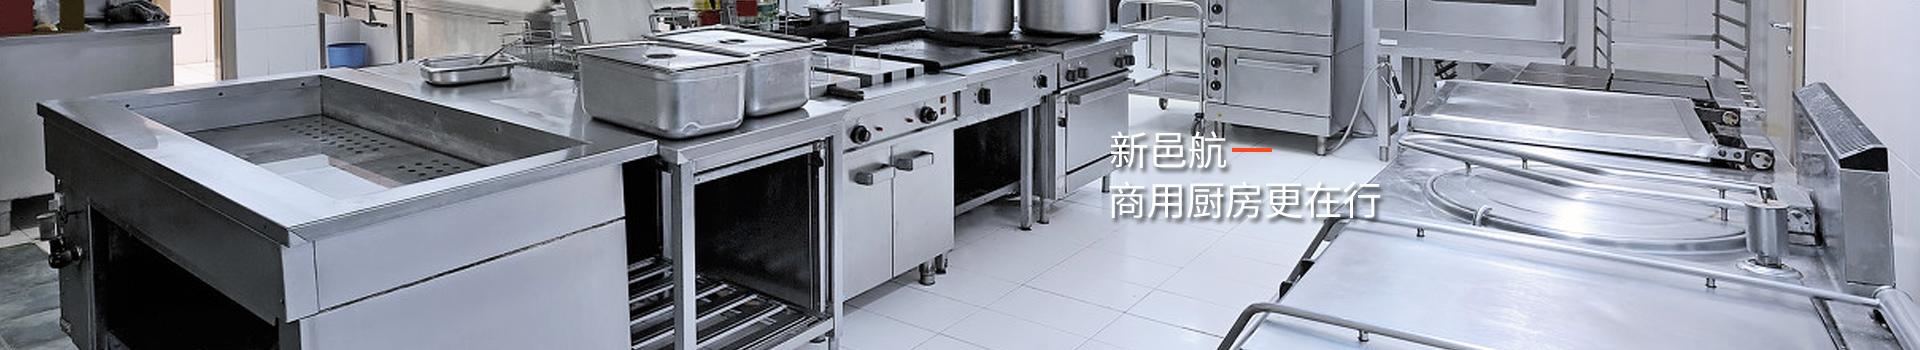 新邑航,商用厨房更在行